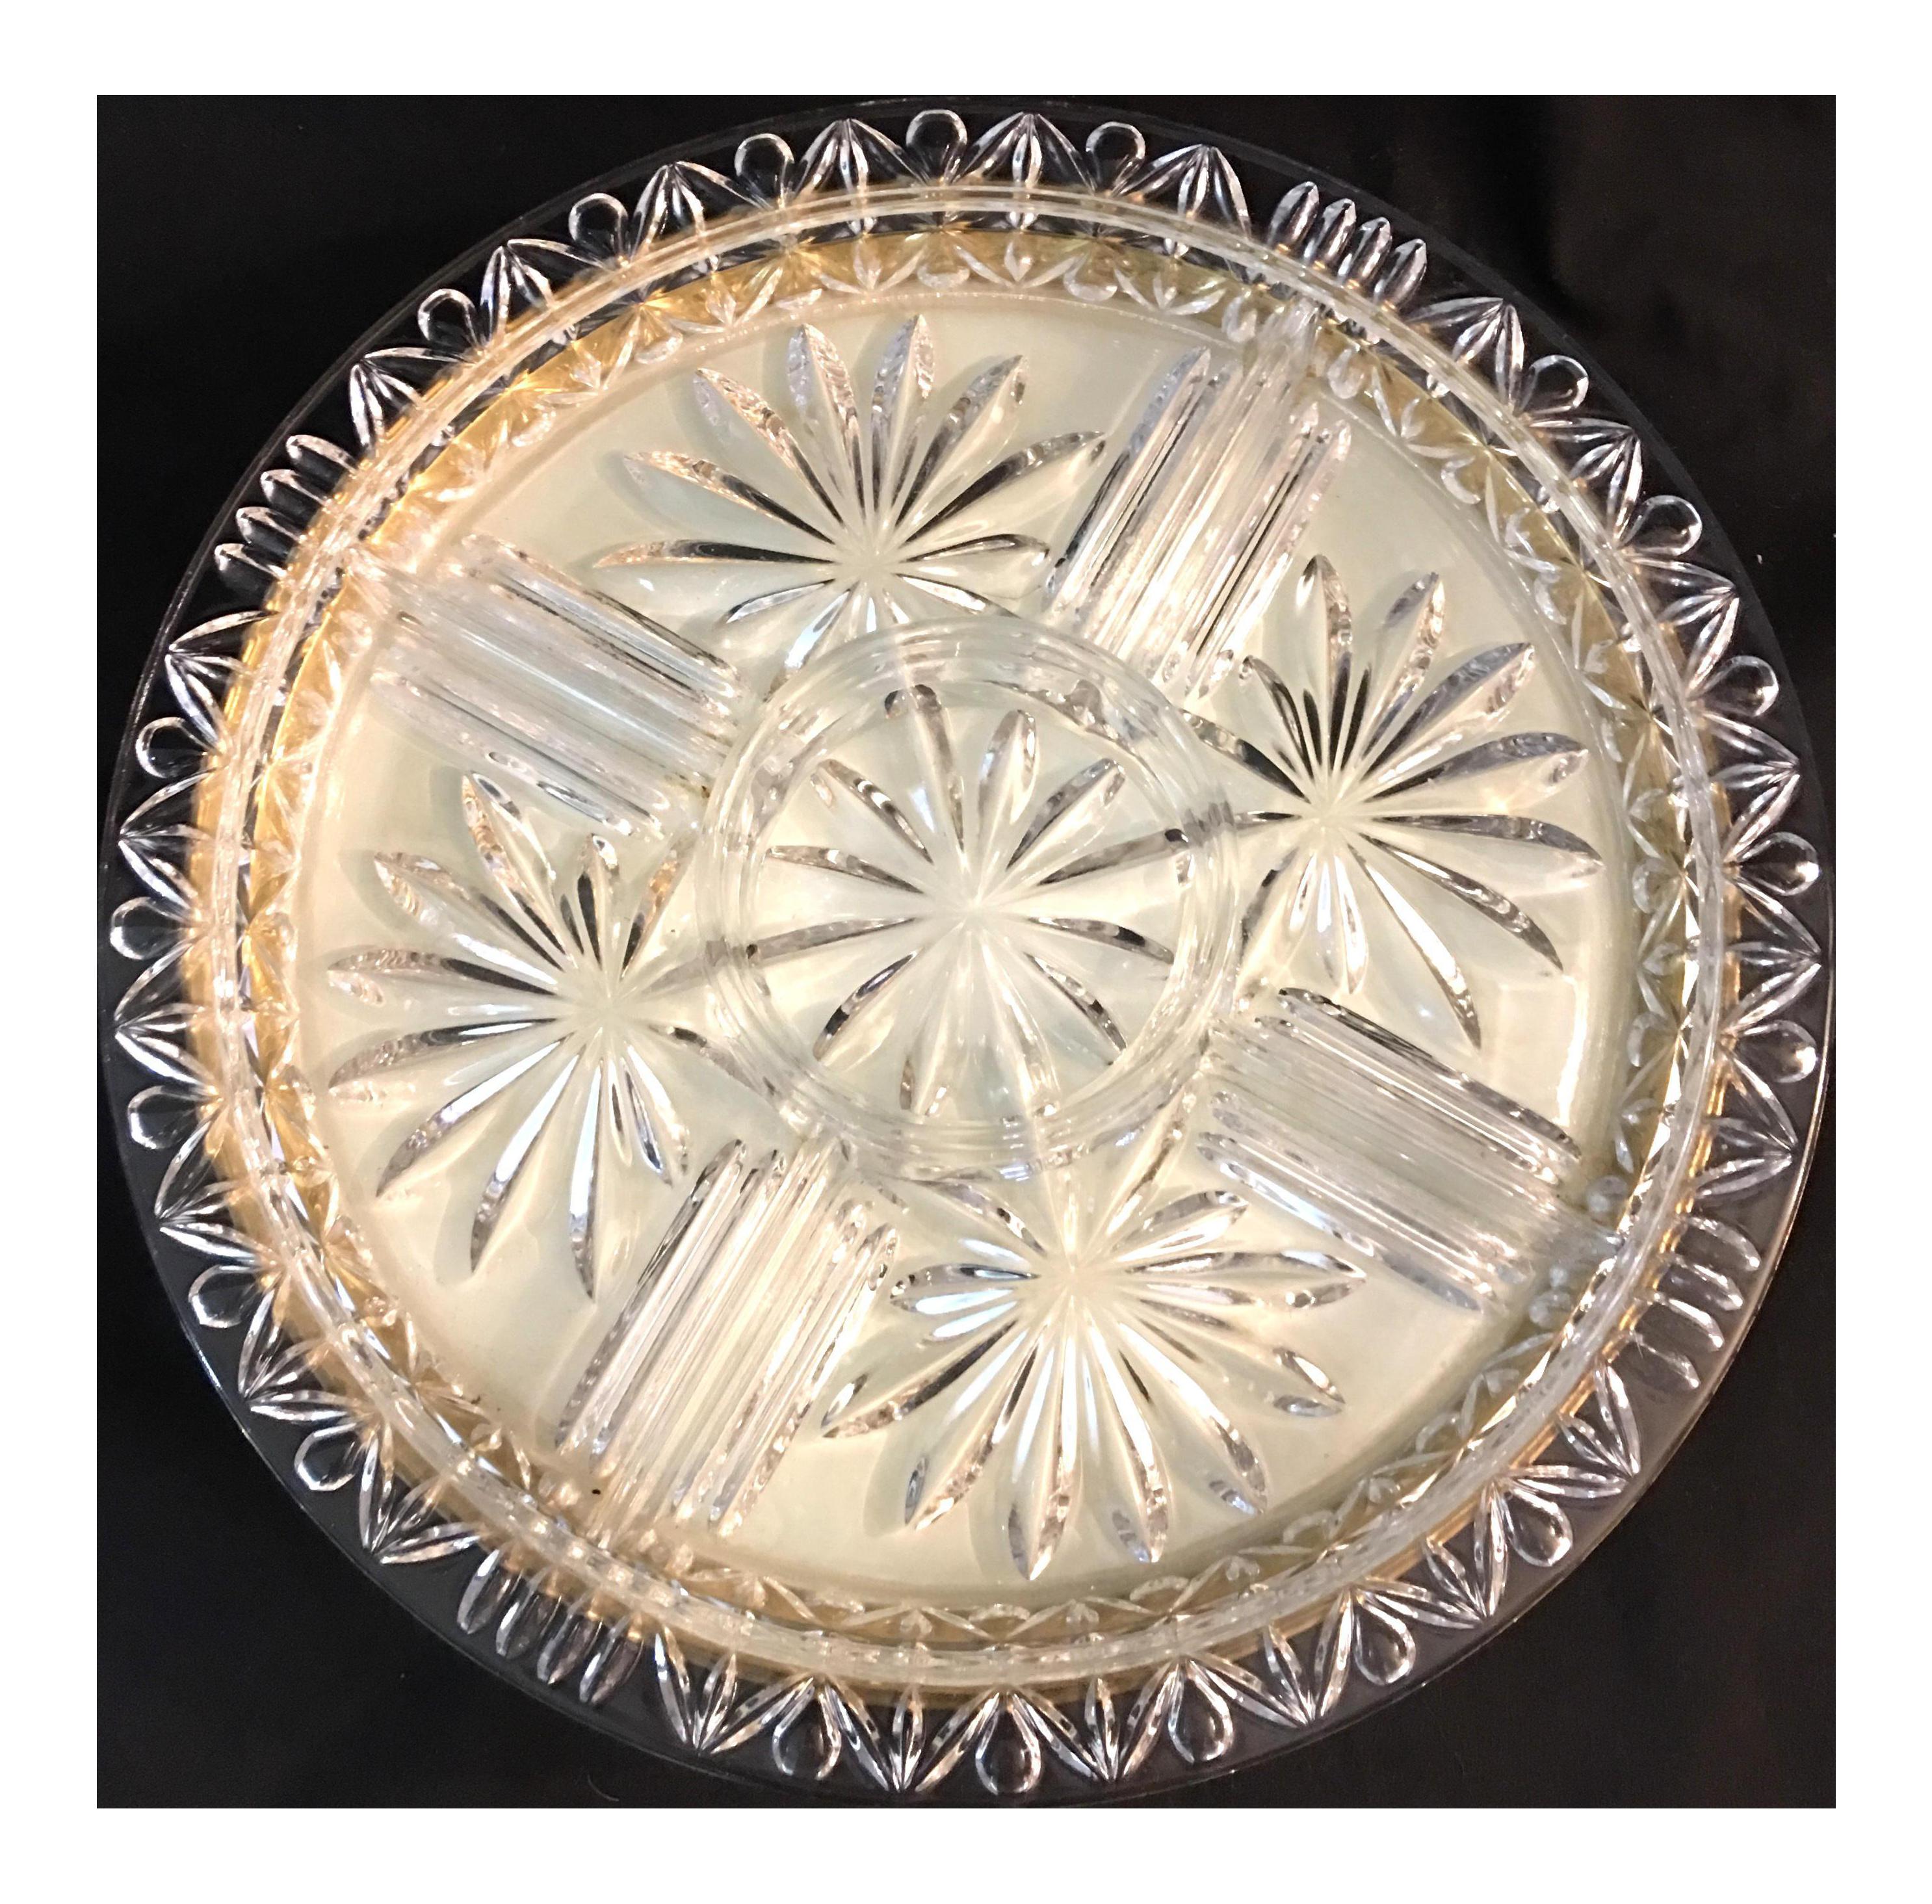 Vintage Glass U0026 Brass Tabletop Lazy Susan   Image 1 ...